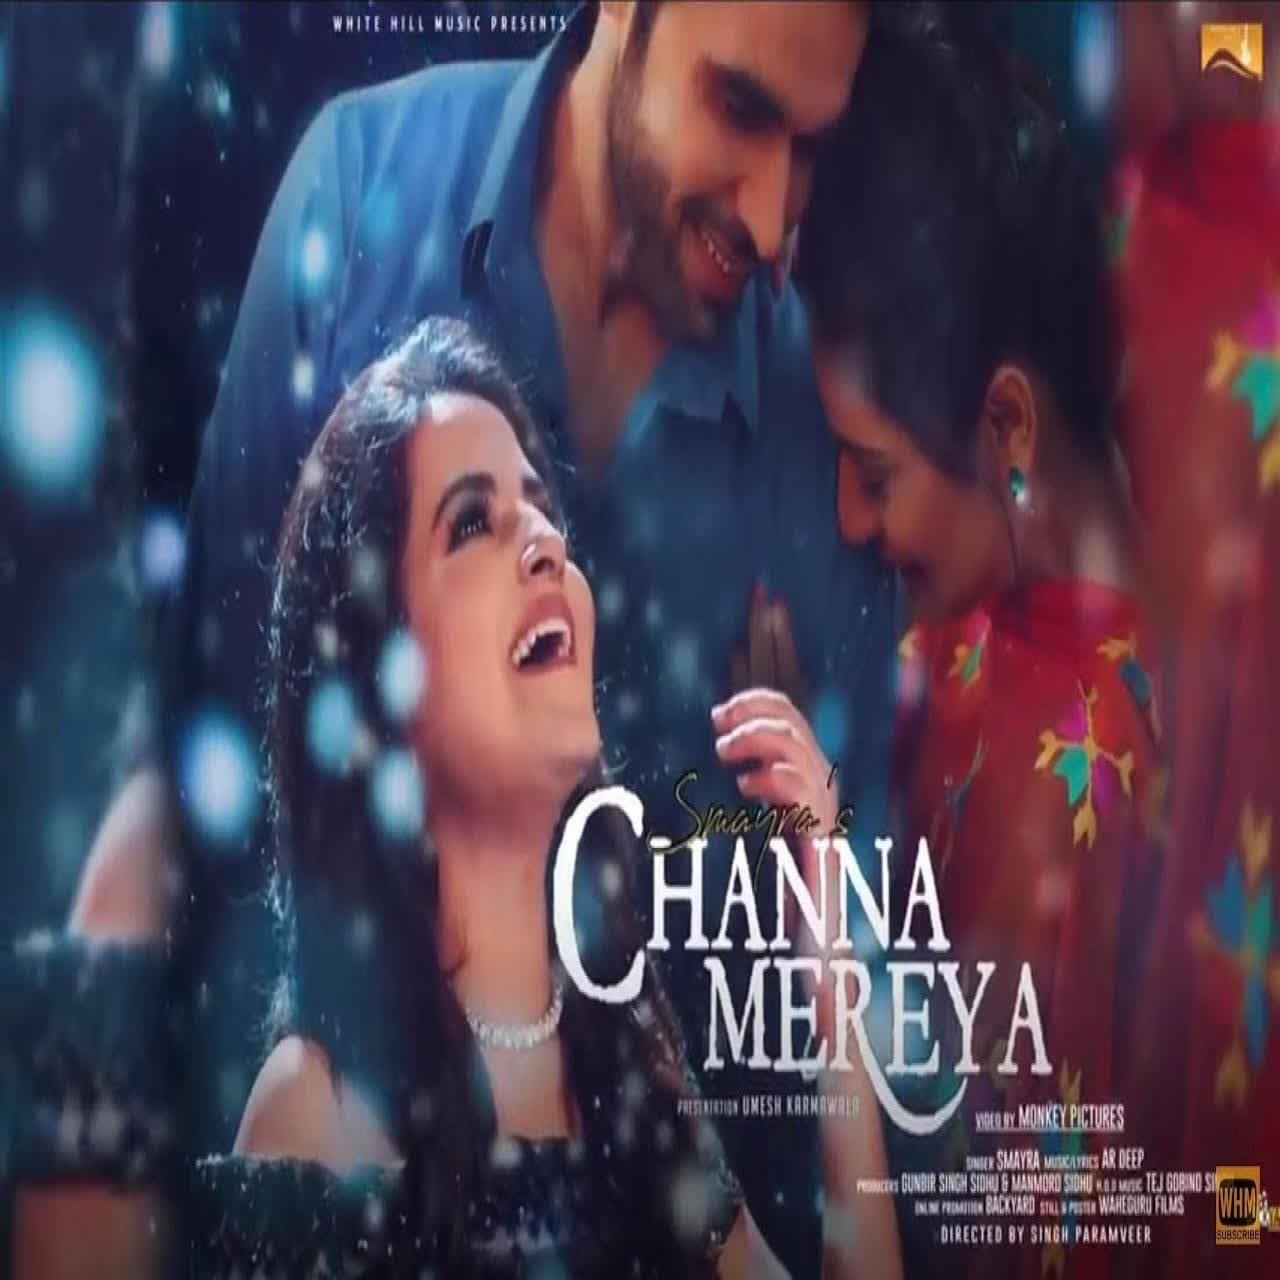 Channa Mereya Smayra